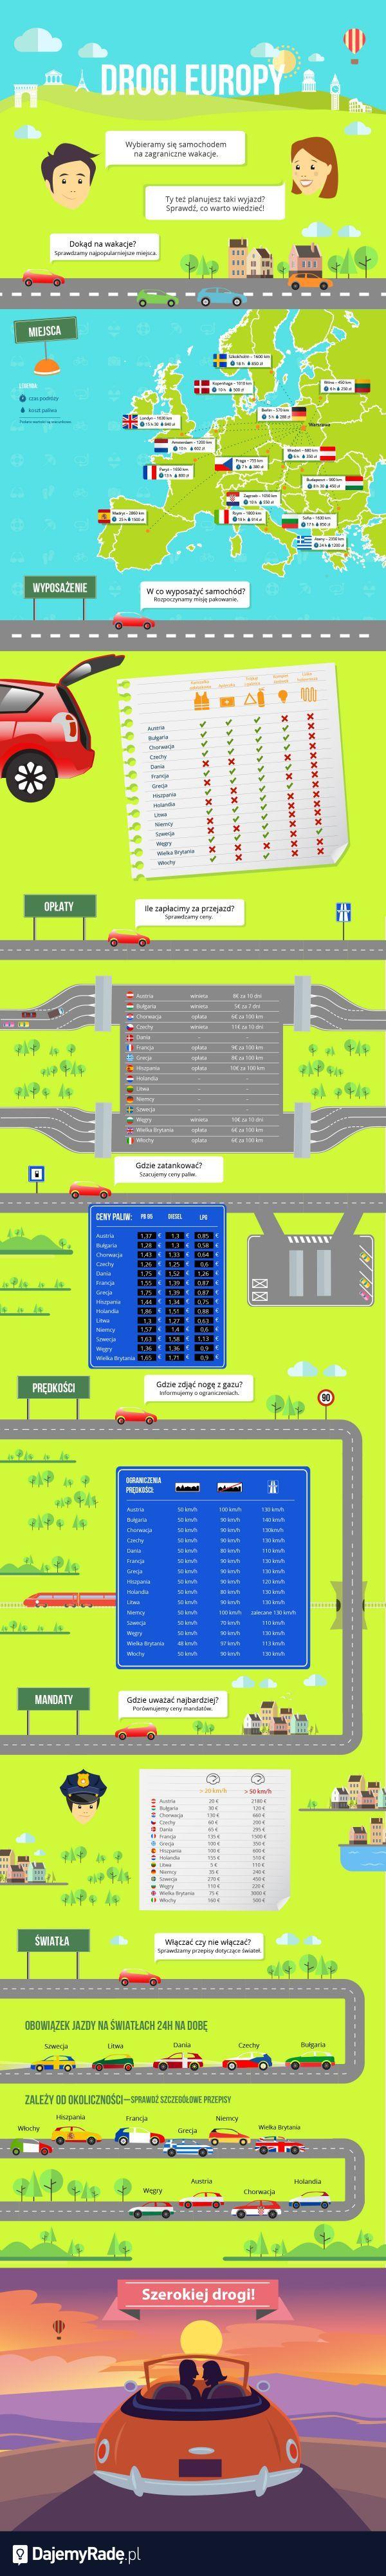 Wybierasz się samochodem do któregoś z europejskich krajów? Sprawdź, jaki będzie czas i koszt podróży, poznaj przepisy drogowe obowiązujące w poszczególnych krajach. Zebraliśmy wszystkie przydatne informacje w jednym miejscu. #dajemyrade